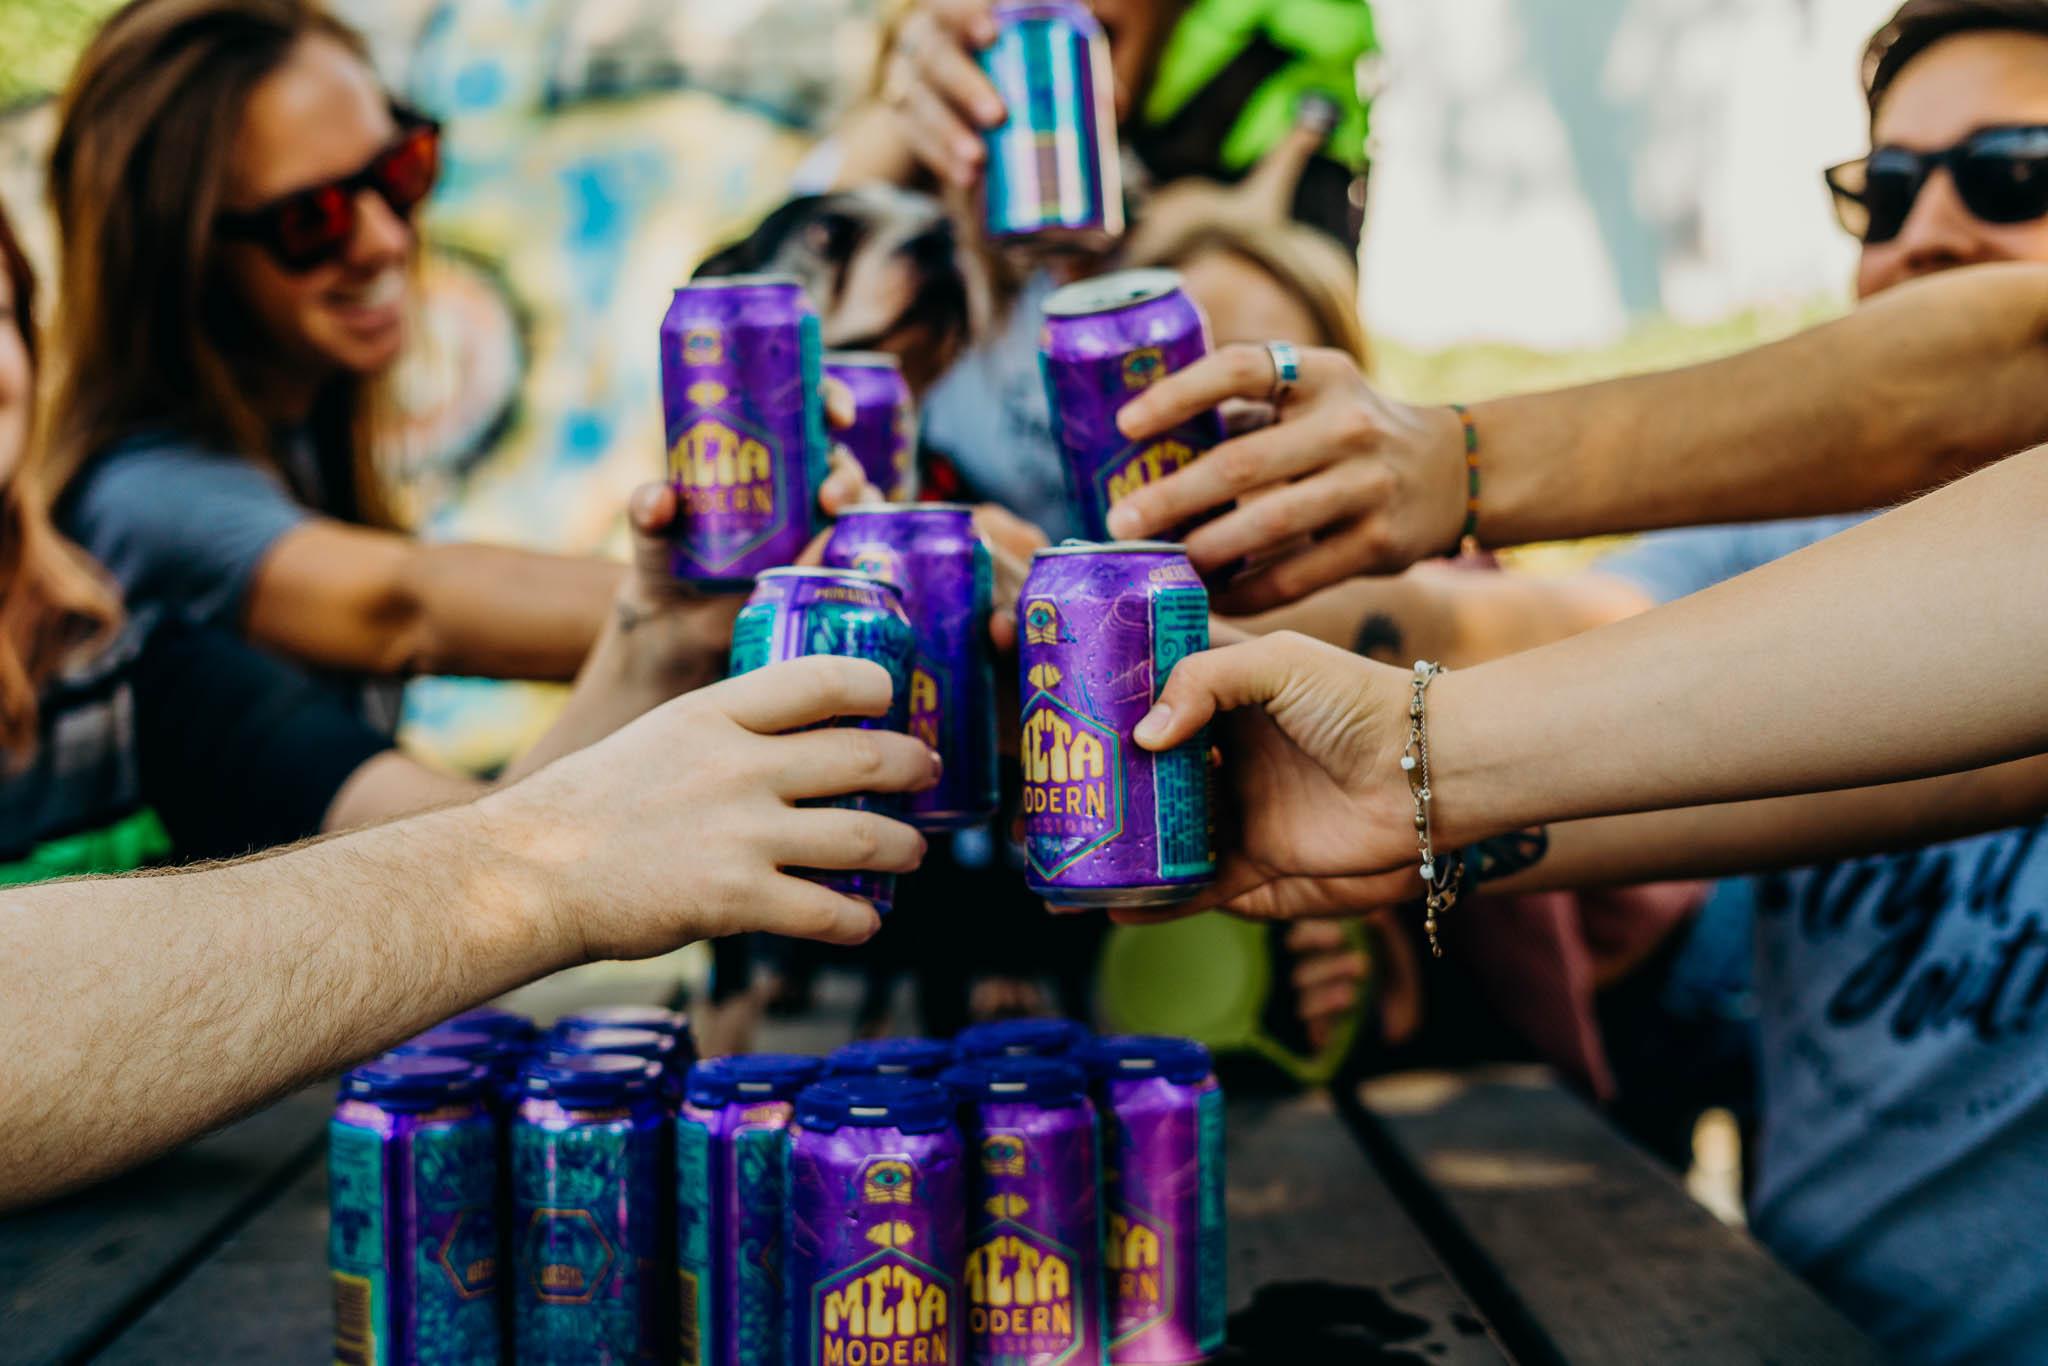 sarastrick_beer30_aug3_oasis-28.jpg